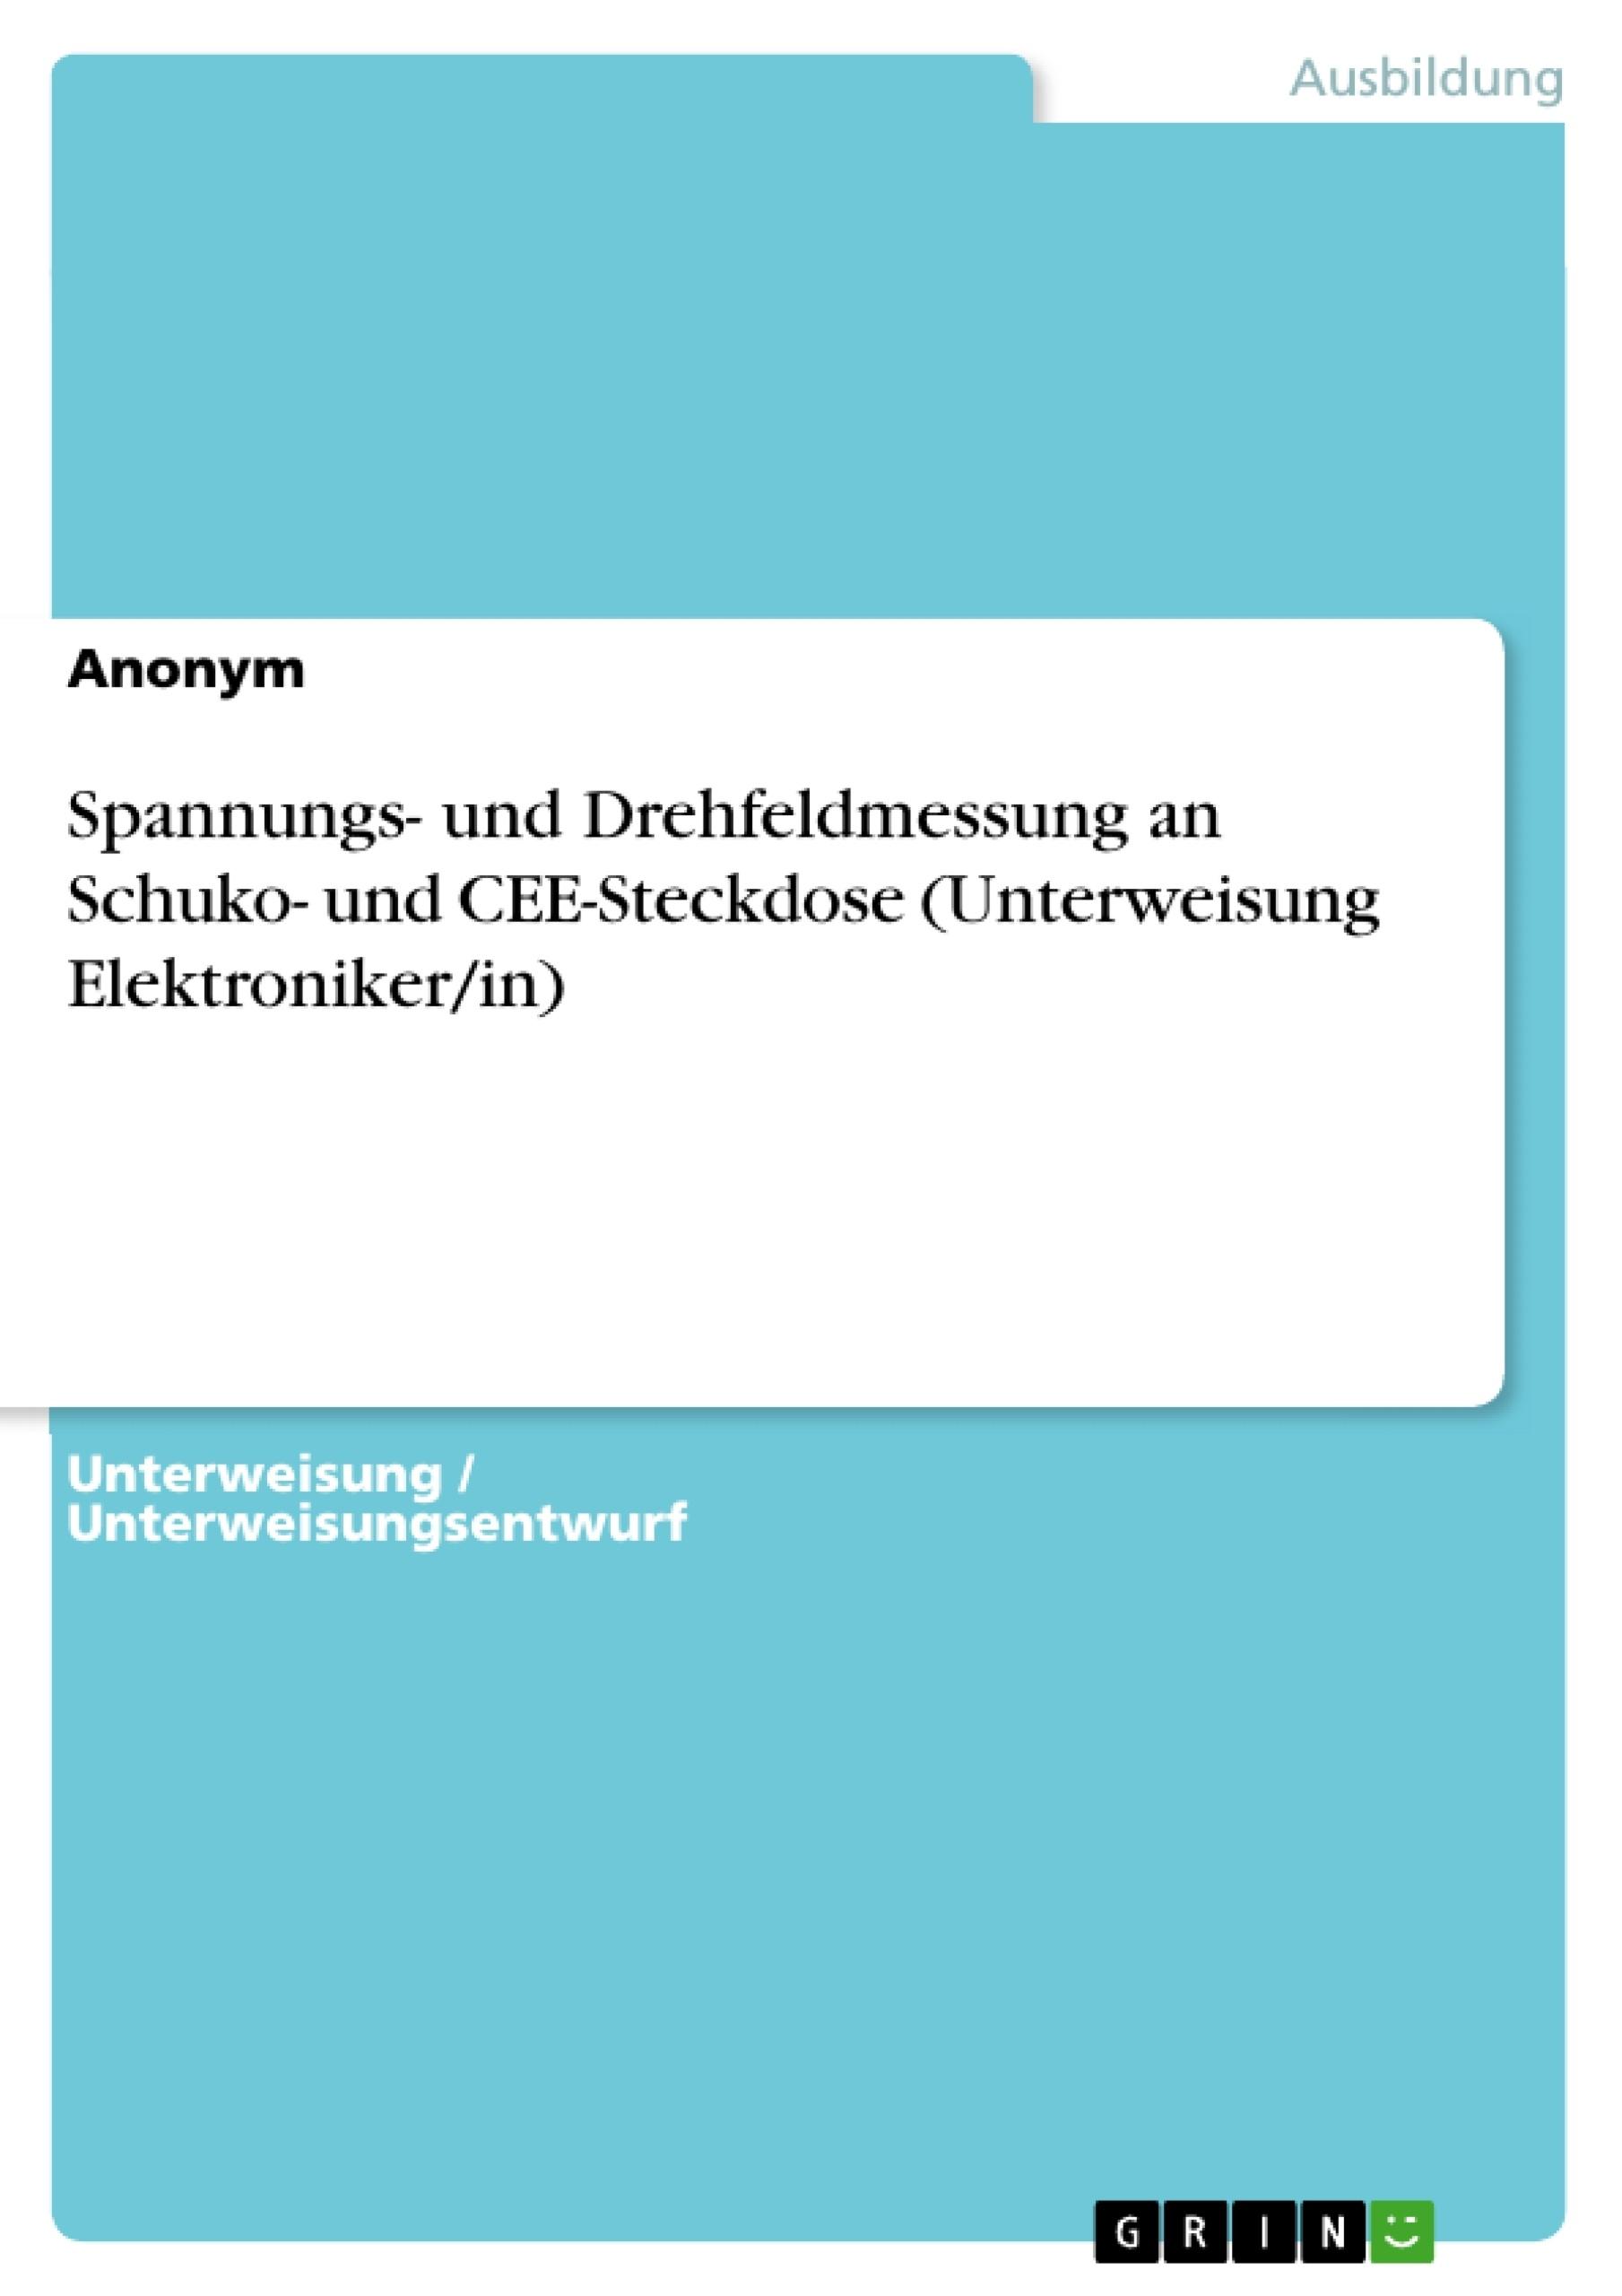 Titel: Spannungs- und Drehfeldmessung an Schuko- und CEE-Steckdose (Unterweisung Elektroniker/in)